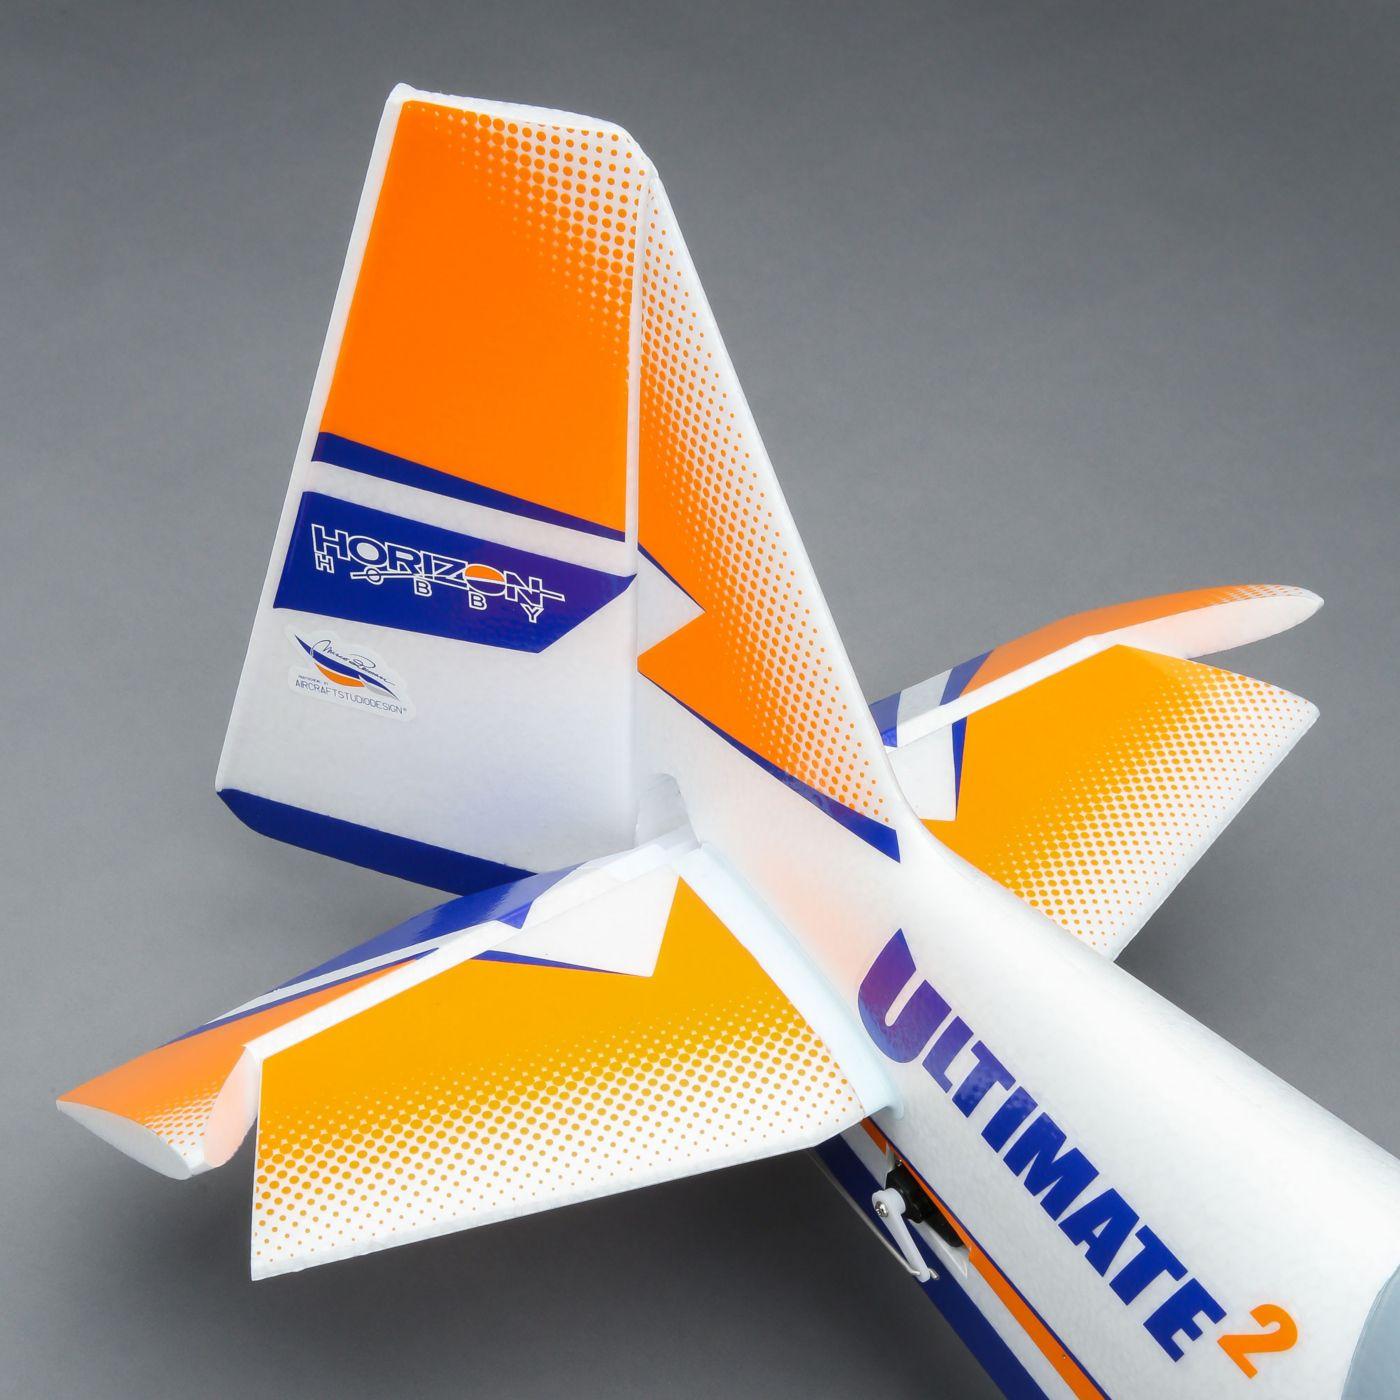 Ultimate 2 E-flite